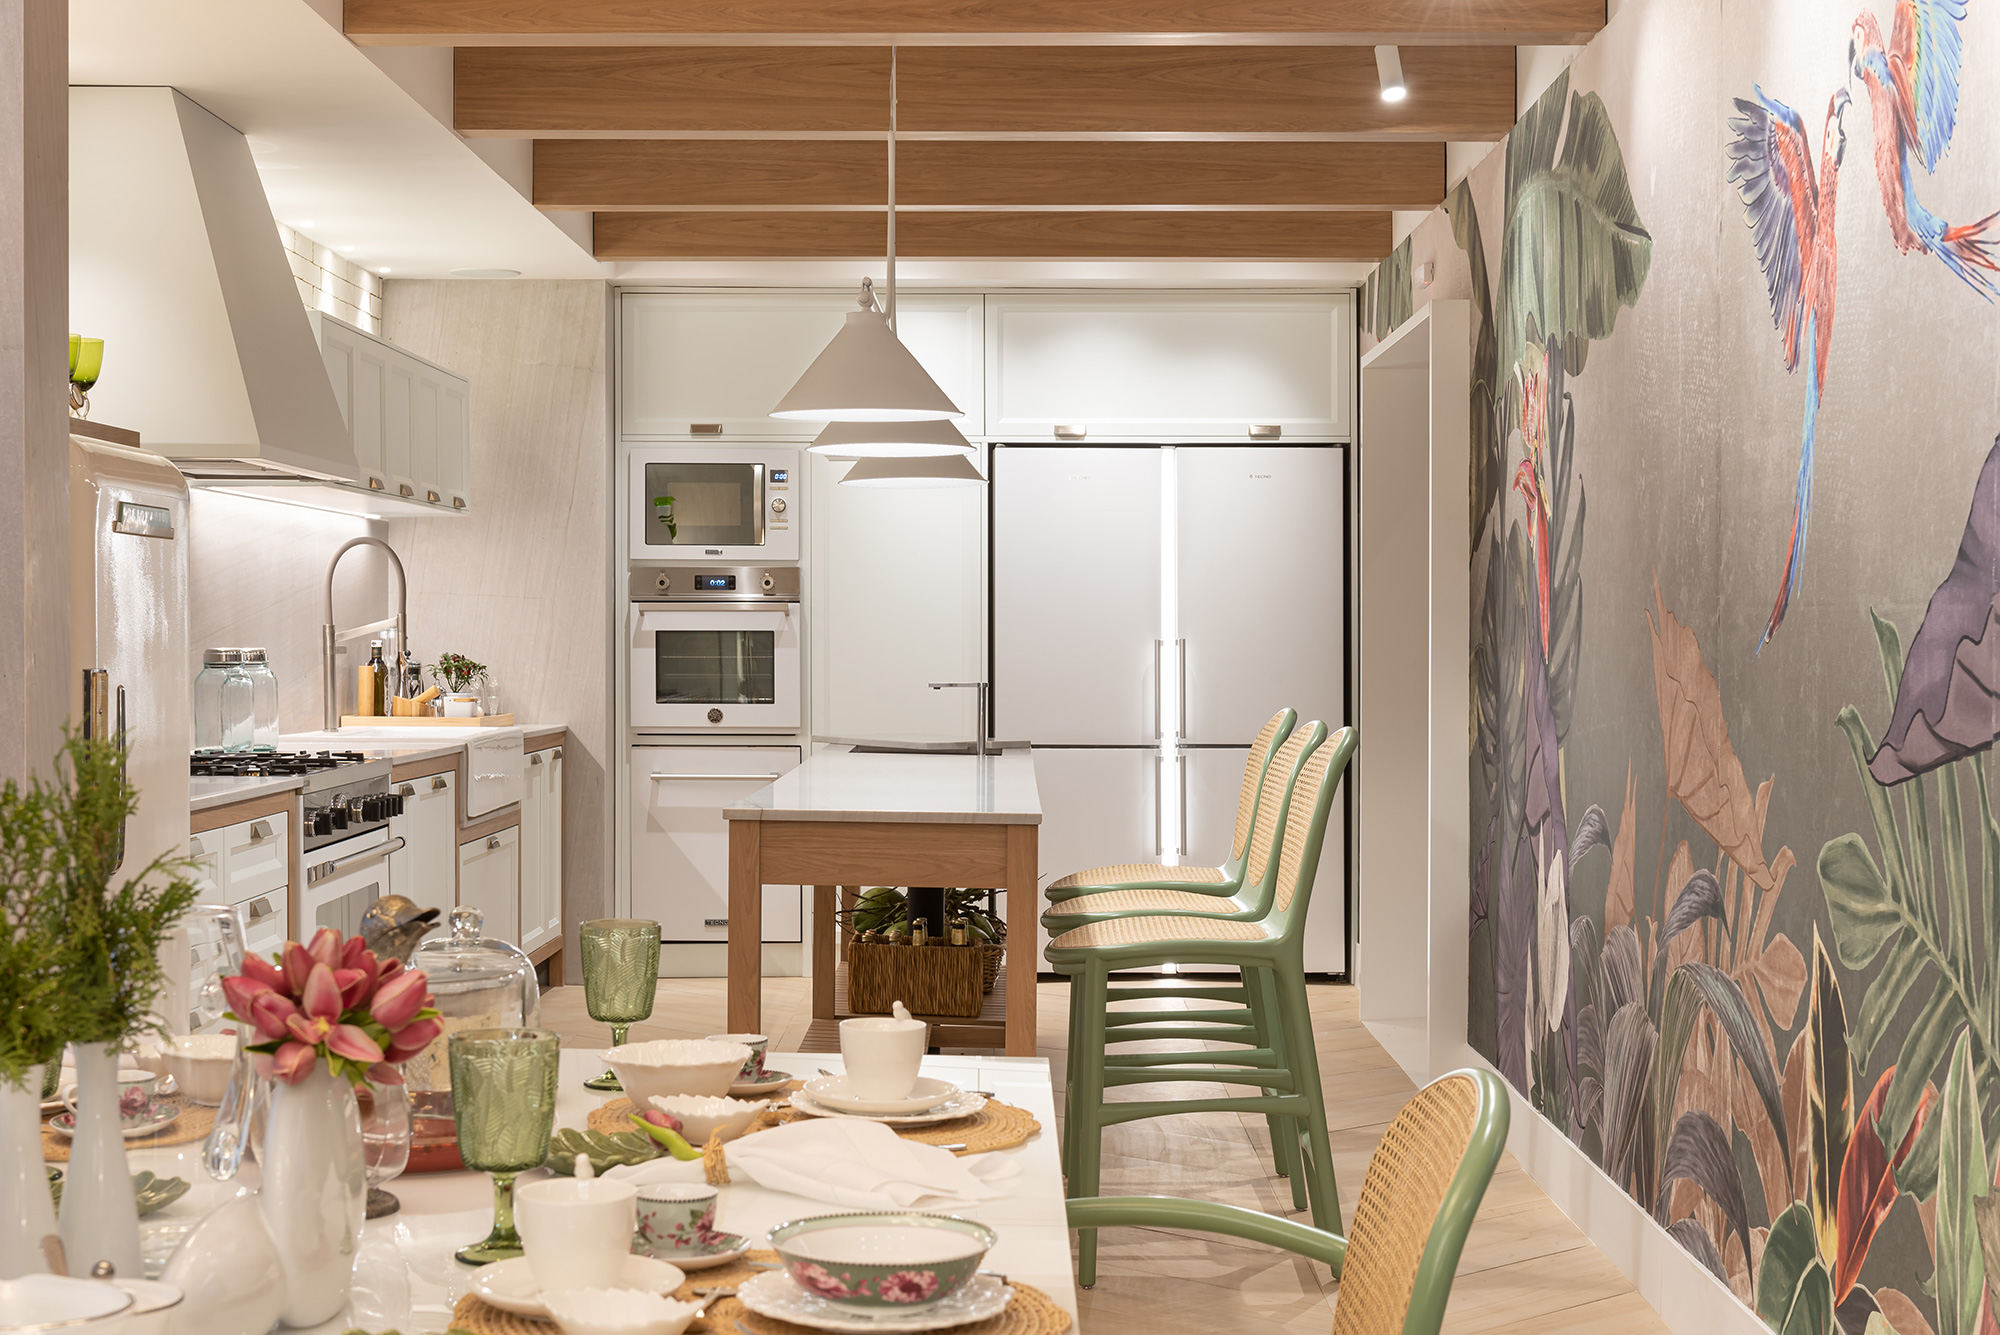 Marcela Pretti e Rosana Rampazzo - Cozinha Original Deca. Projeto da CASACOR Espírito Santo 2021.